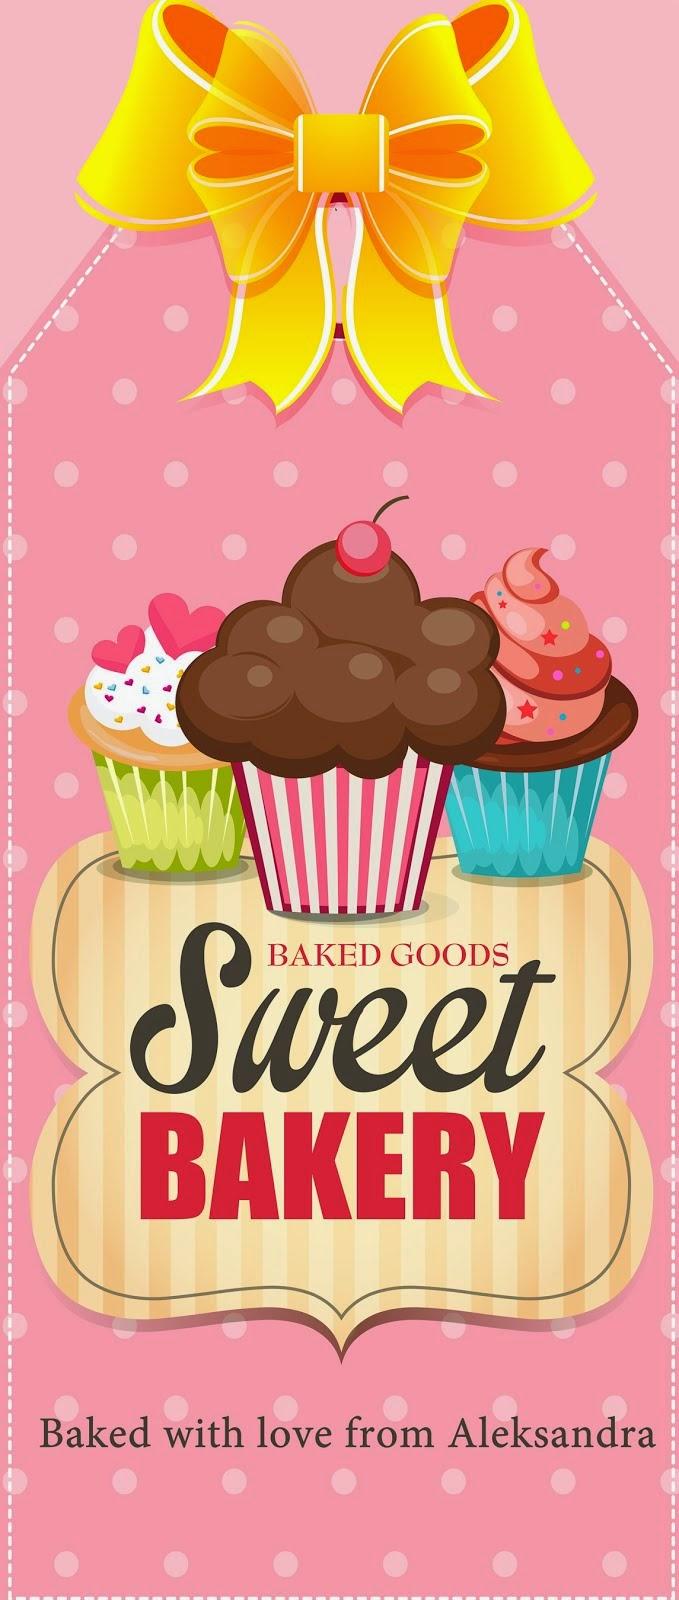 Лучшие рецепты выпечки в блоге Sweet Bakery